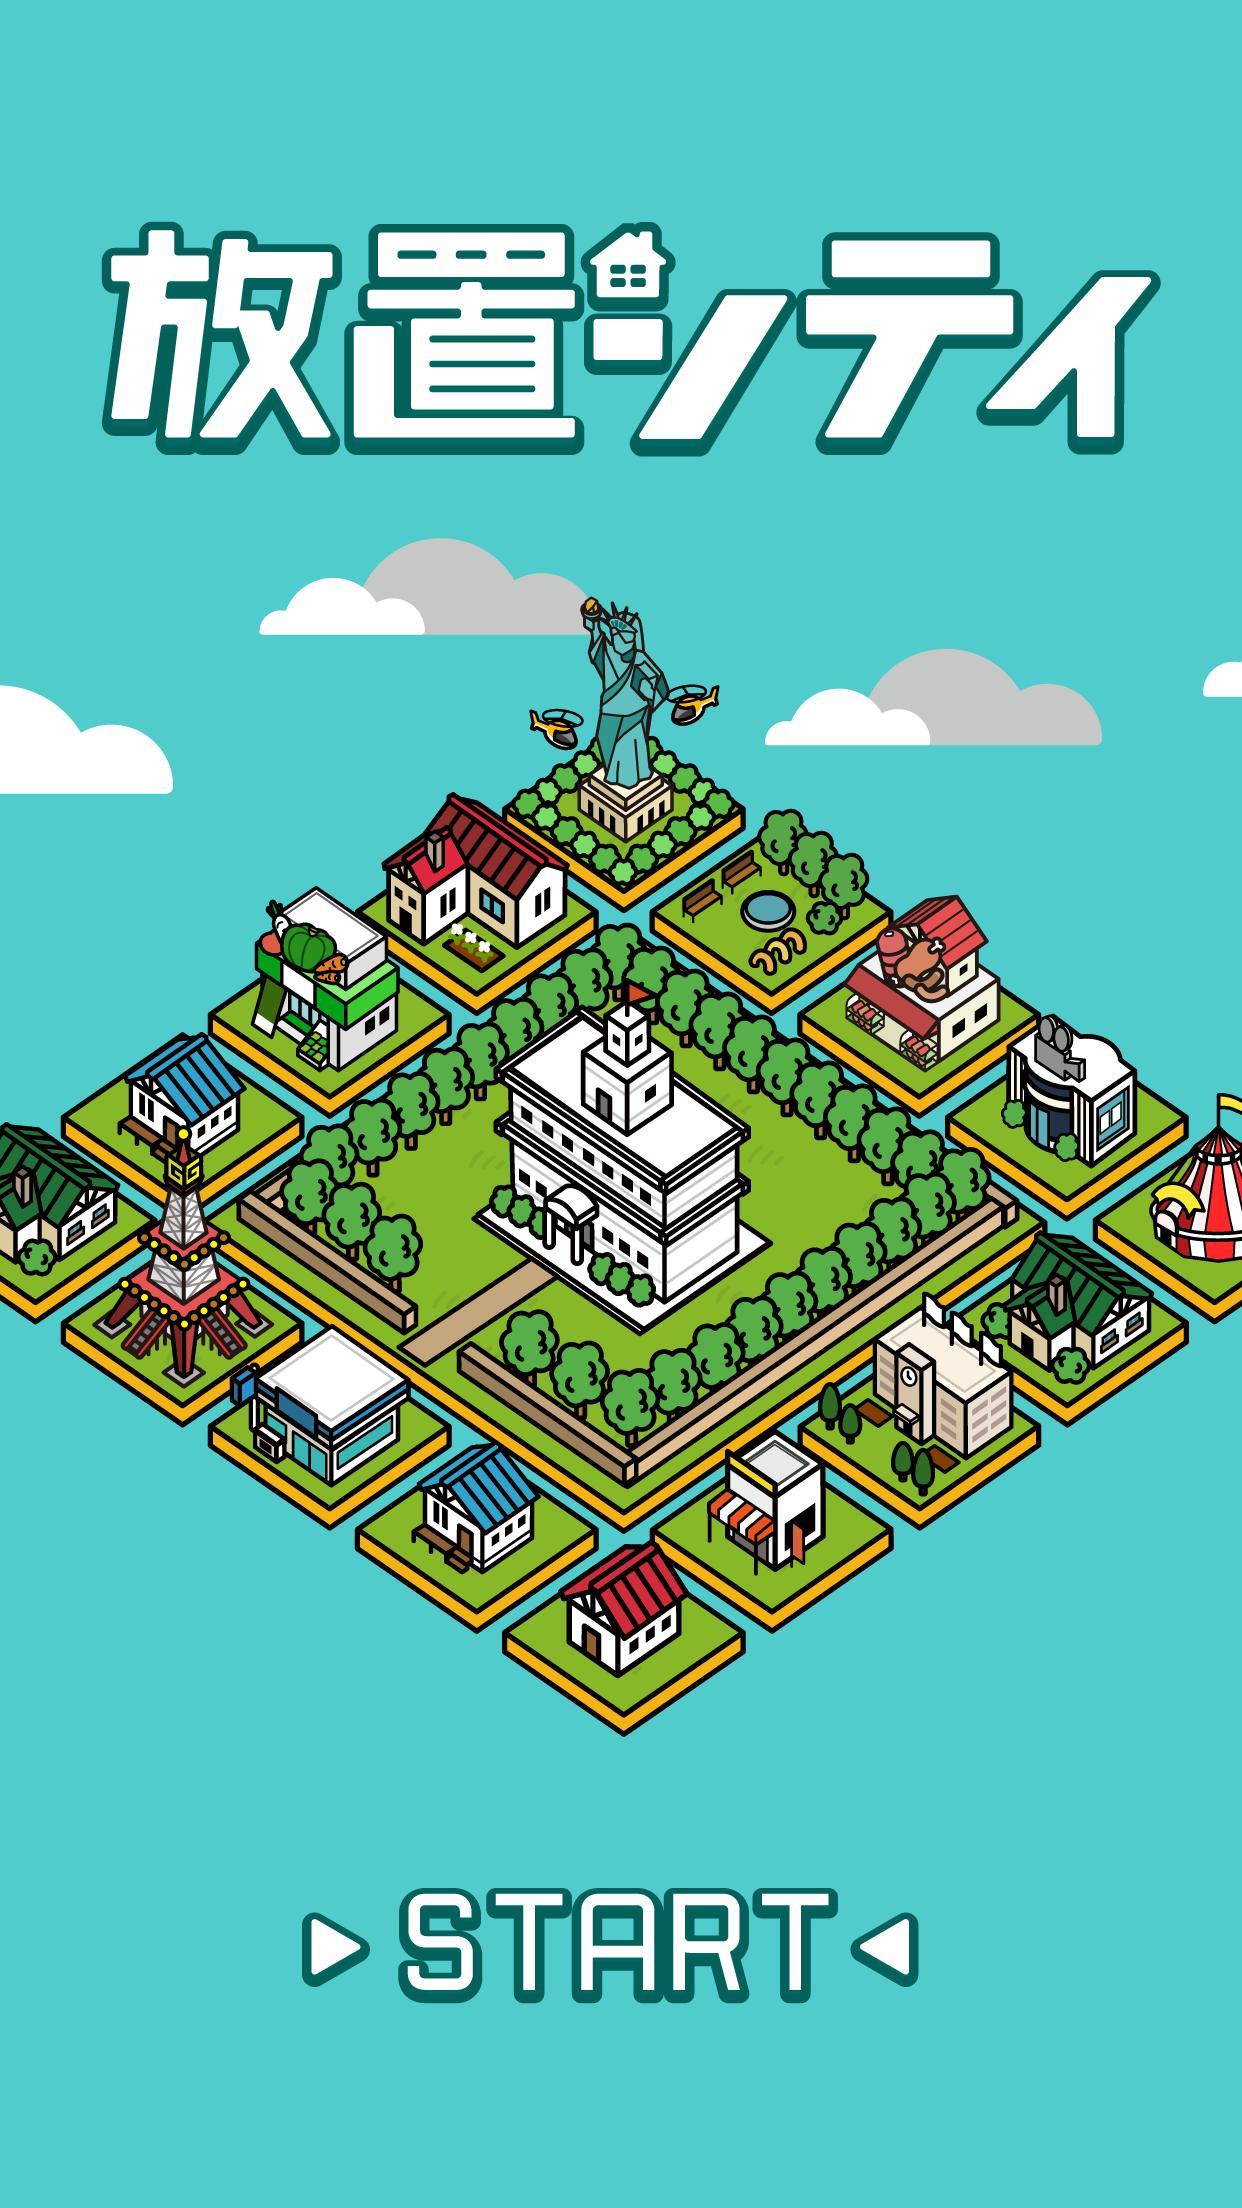 放置シティ ~のんびり街づくりゲーム~ 1.7.0 Screenshot 5